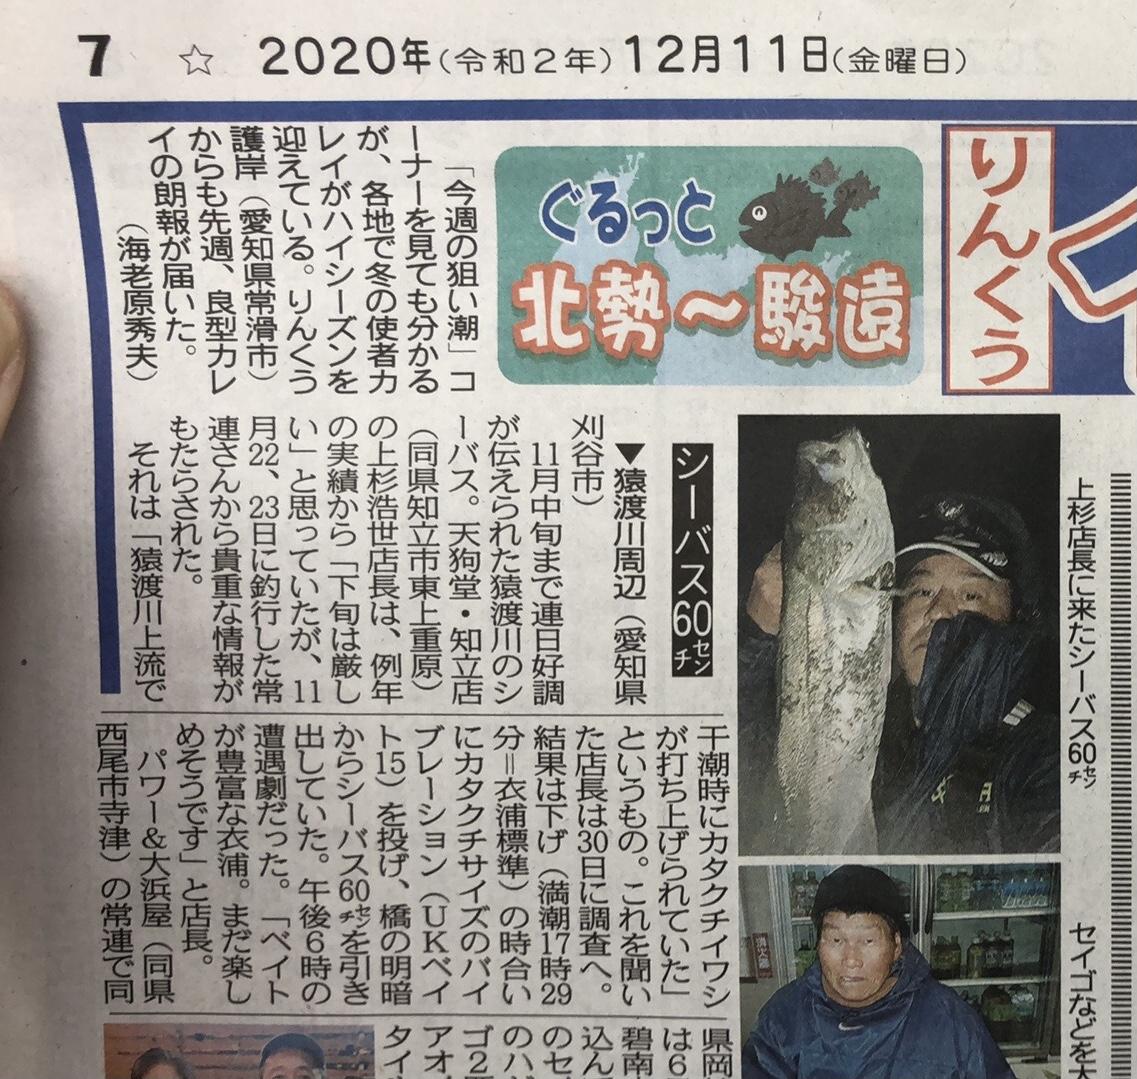 f:id:tengudo_staff:20201211170329j:plain